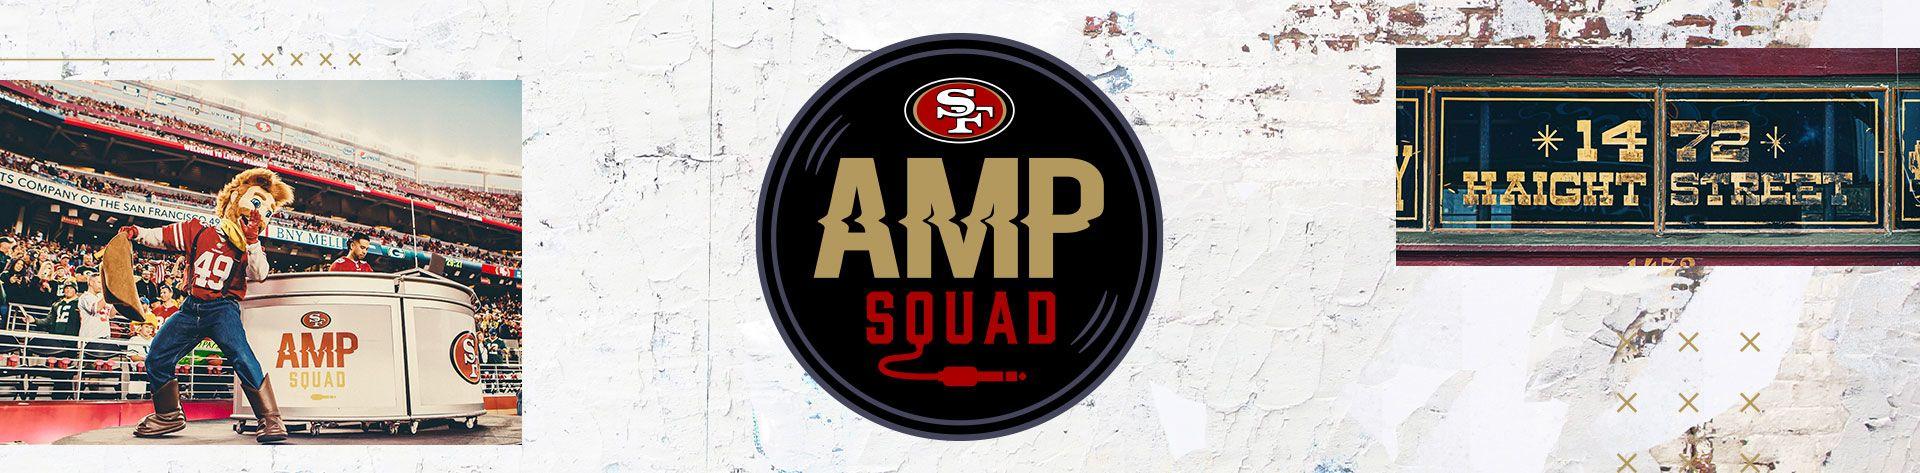 AmpSquad-HEADER